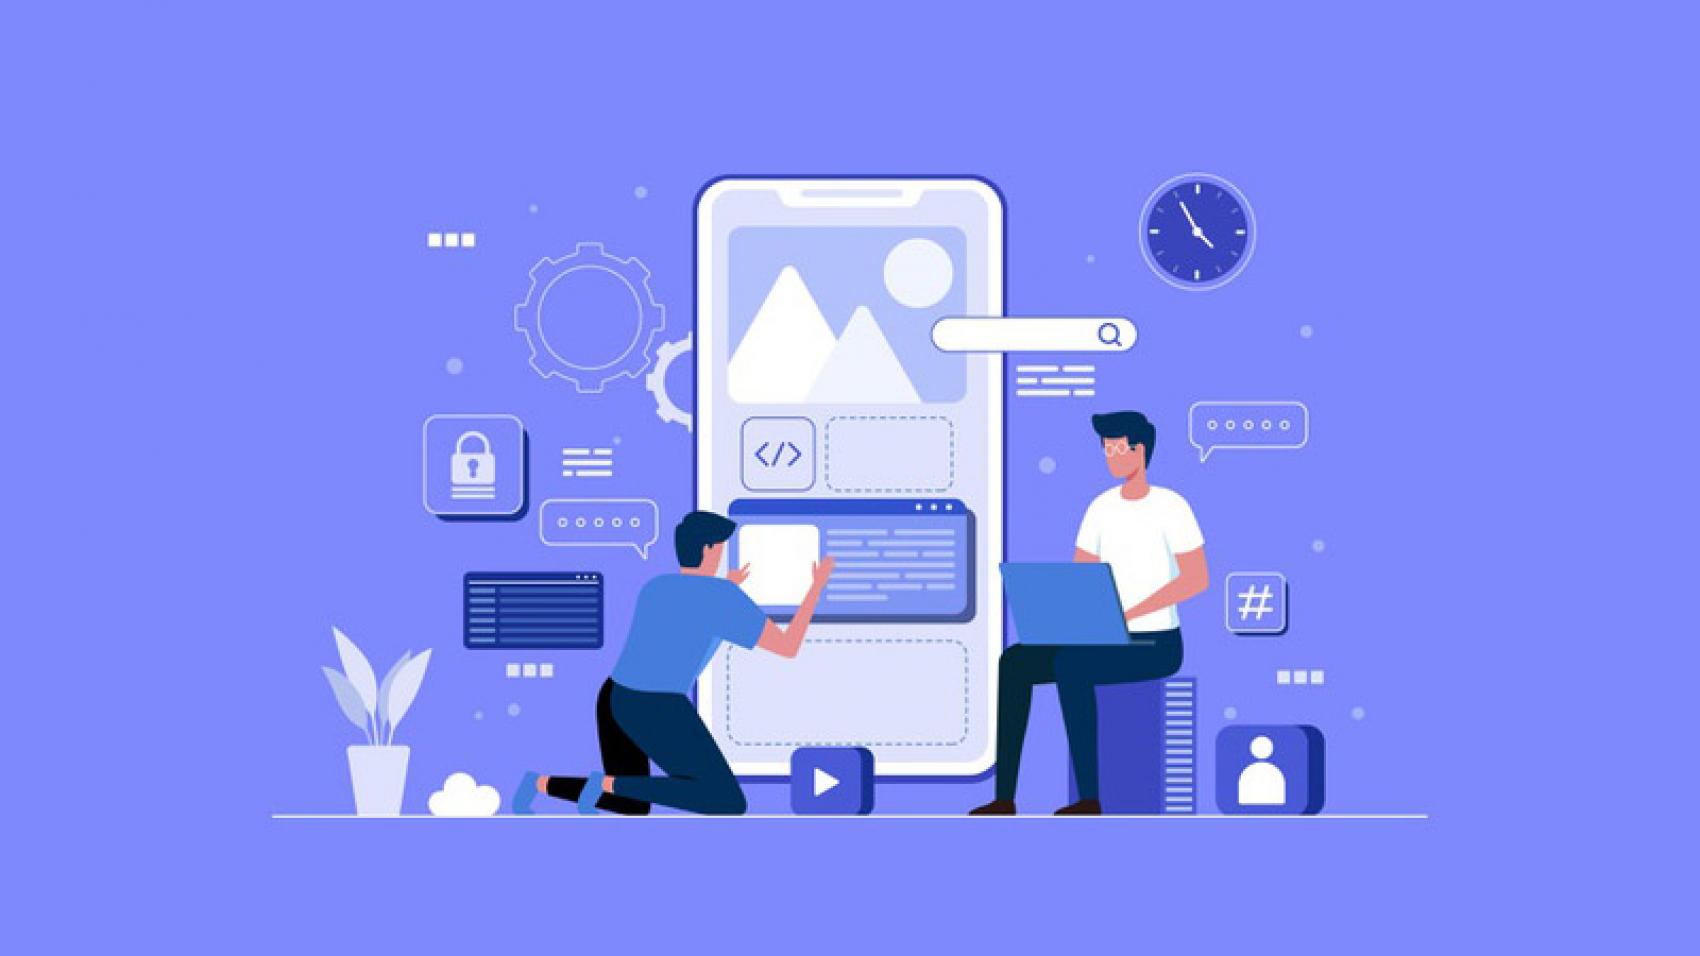 Руководство по разработке приложений: как сделать приложение для iOS и Android самостоятельно